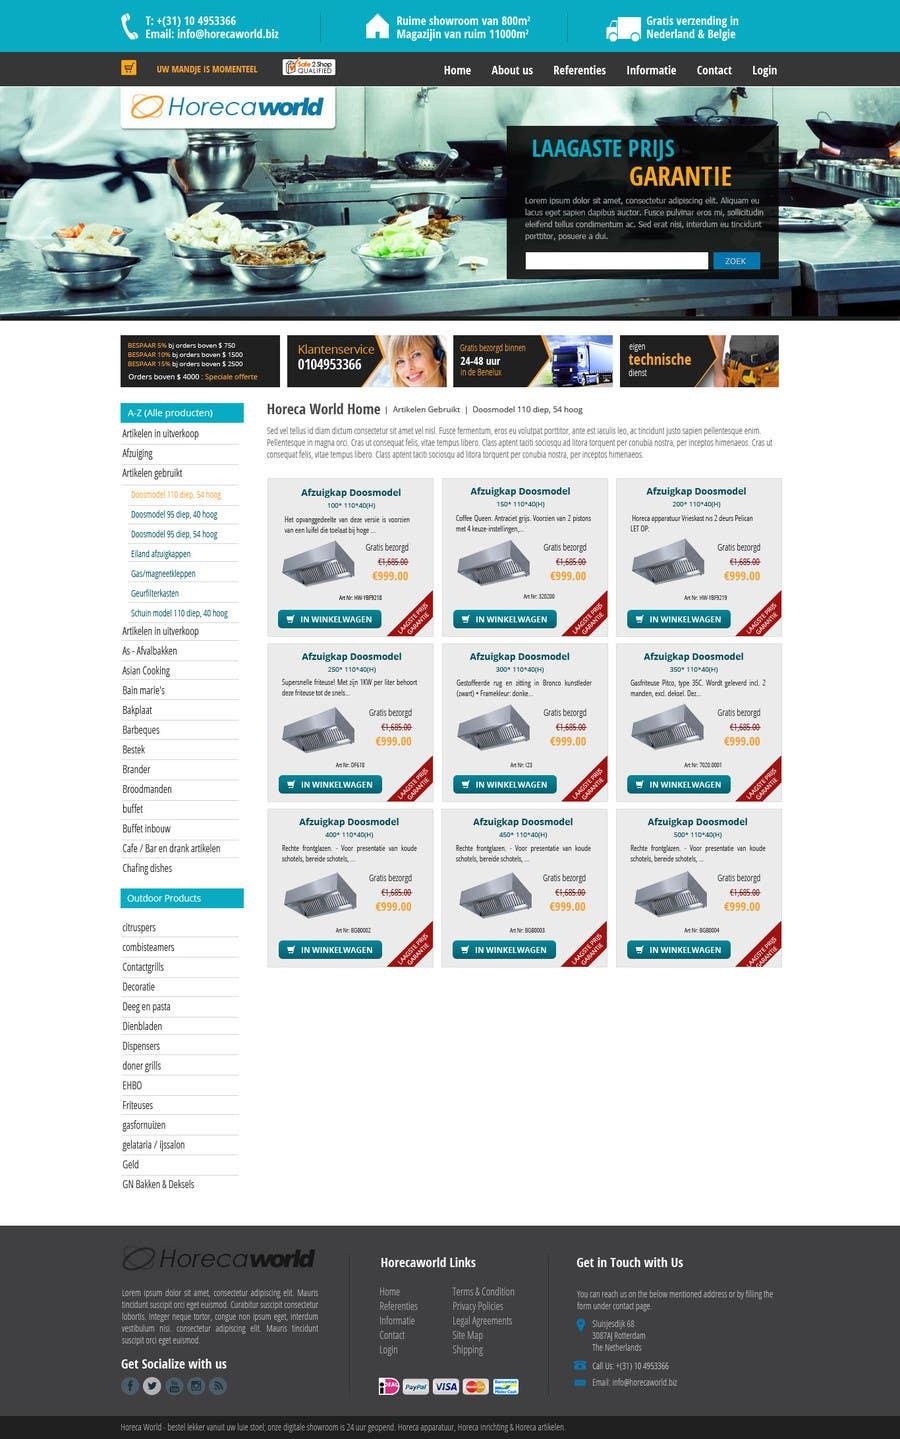 Konkurrenceindlæg #                                        14                                      for                                         New design webshop